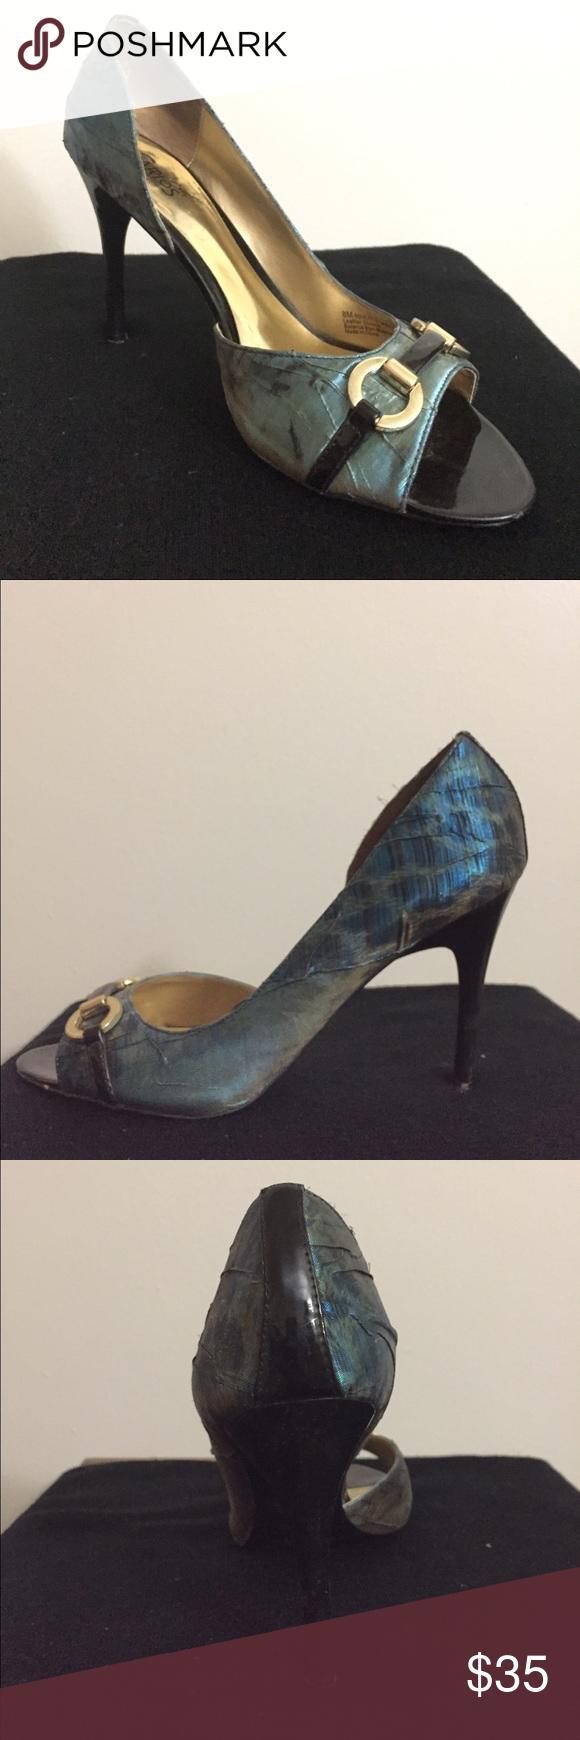 Carlos Santana Iridescent Blue Pumps Iridescent Blue and Leopard print pumps. Great condition. Carlos Santana Shoes Heels